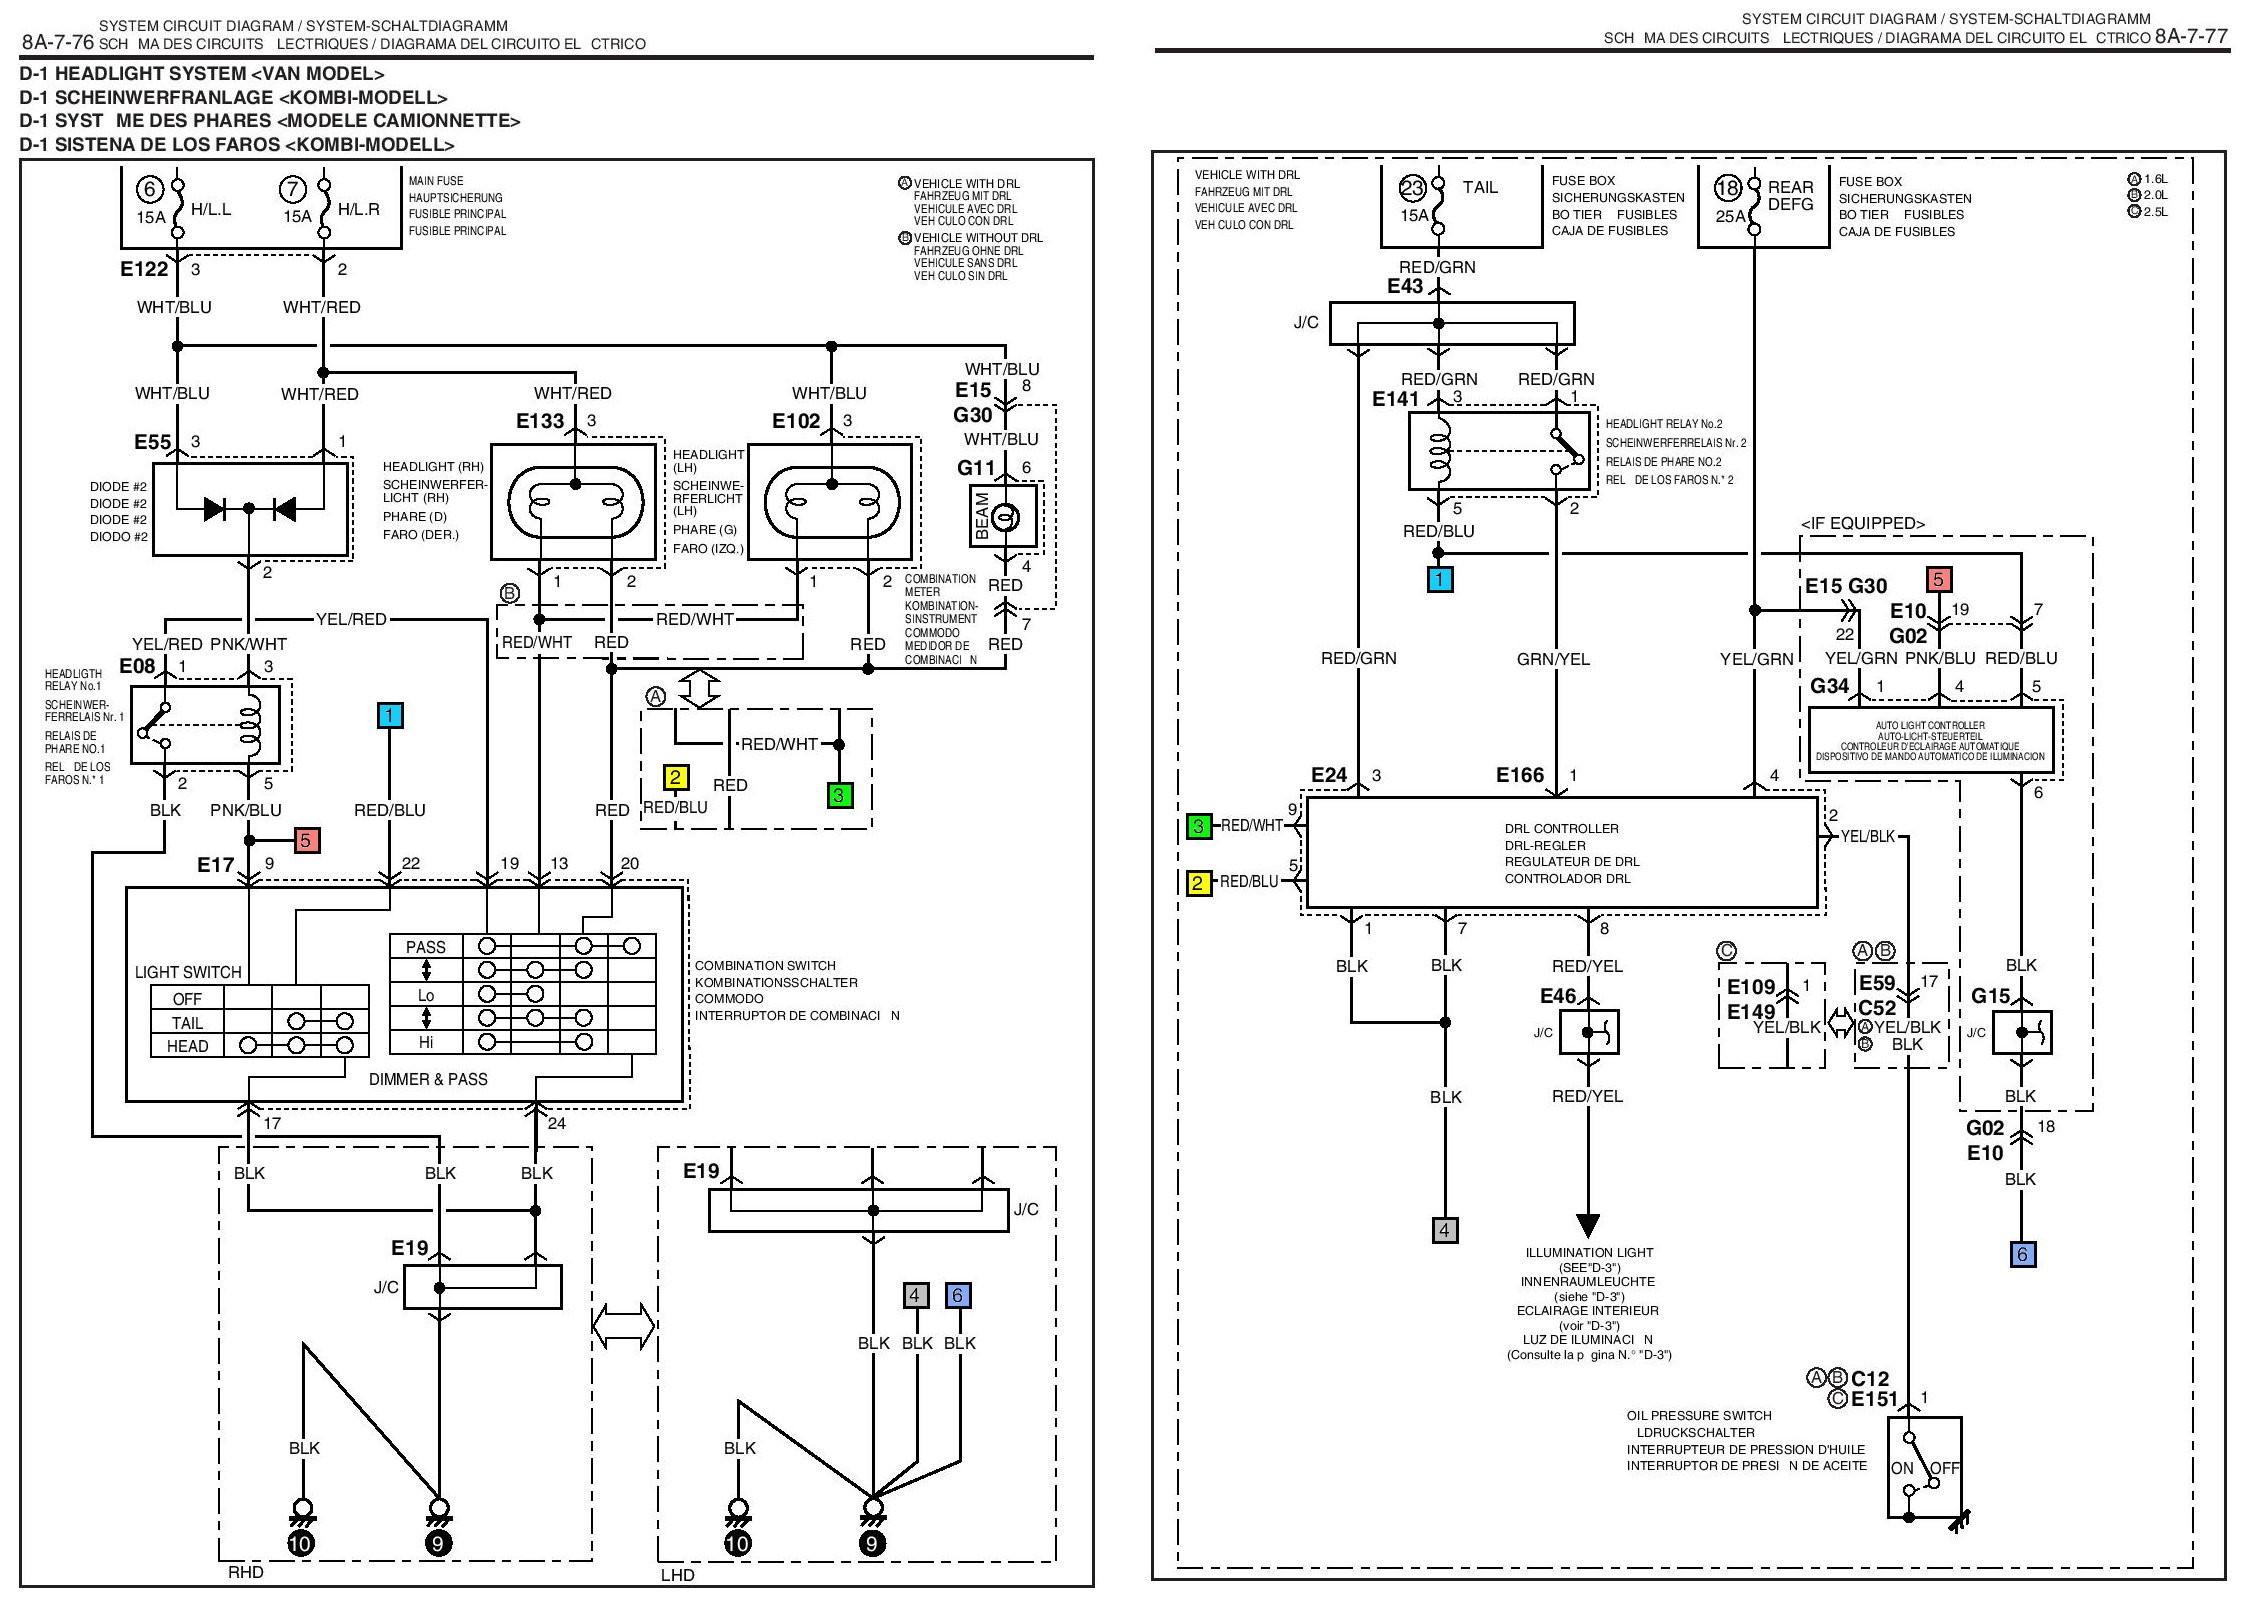 suzuki grand vitara exhaust system diagram wiring schematics diagram wiring diagrams for 2007 suzuki forenza 2007 suzuki grand vitara parts manual carnmotors com subaru impreza exhaust system diagram suzuki grand vitara exhaust system diagram